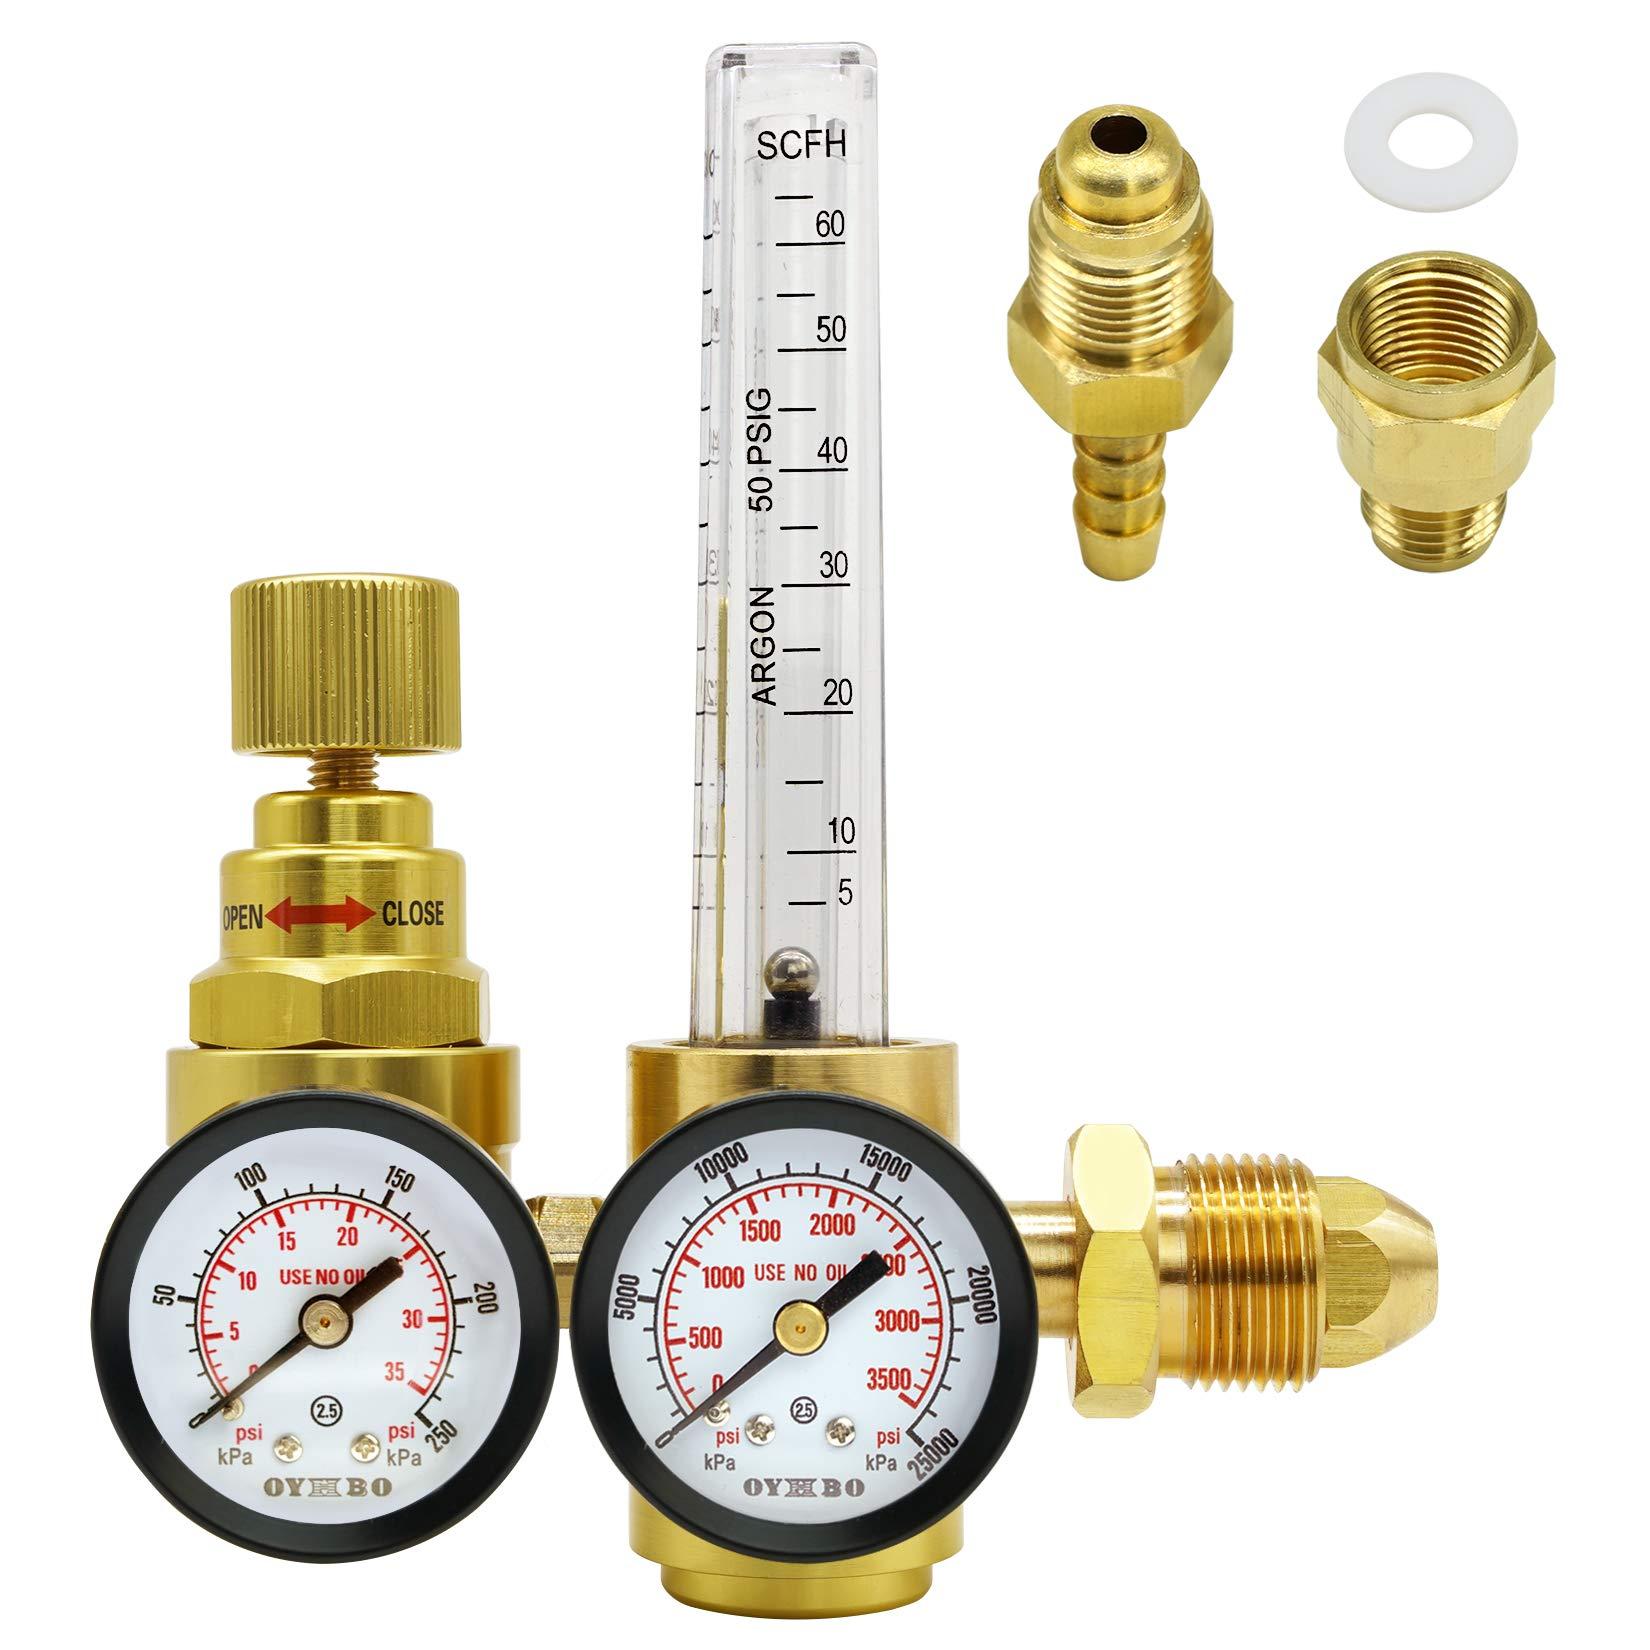 OYHBO Argon CO2 Flow Meter Gas Regulator for TIG MIG Welding Welder CGA580 Inlet 0-3500PSI Dual Gauges